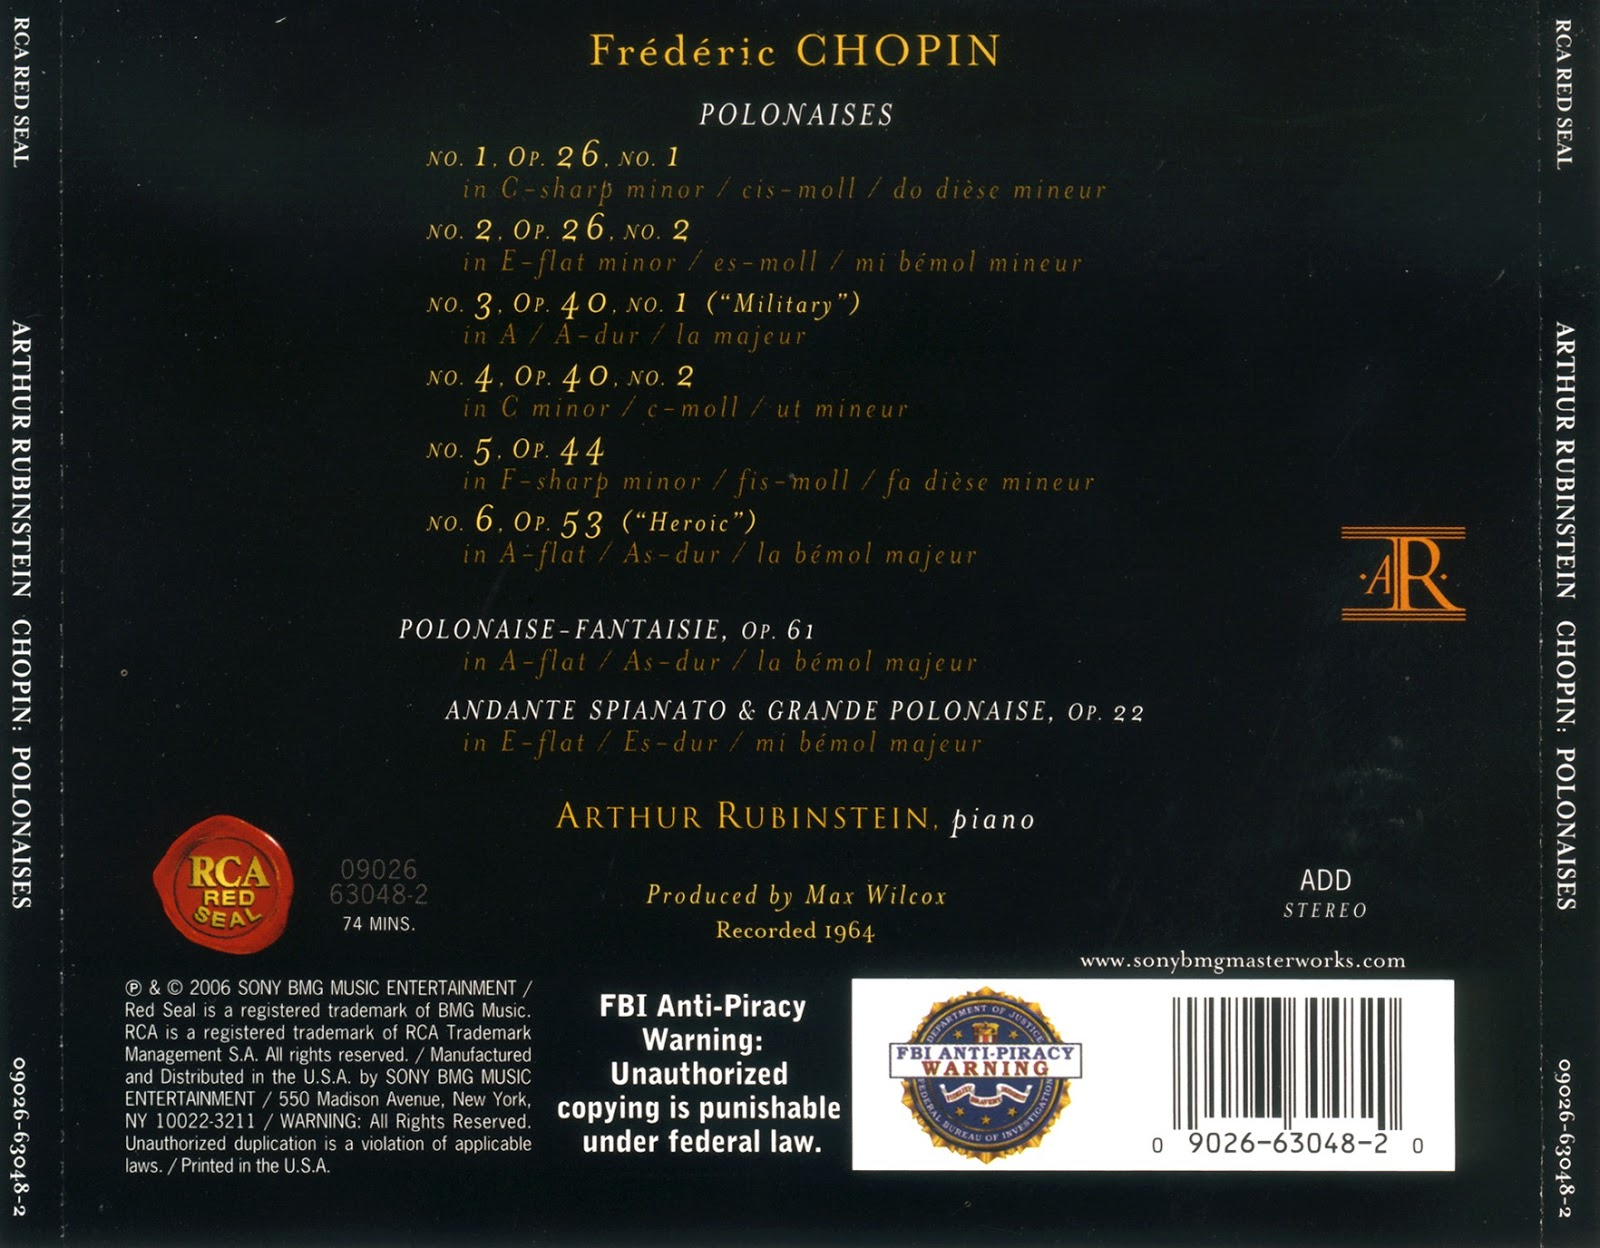 Magical Journey: Frédéric Chopin - Polonaises